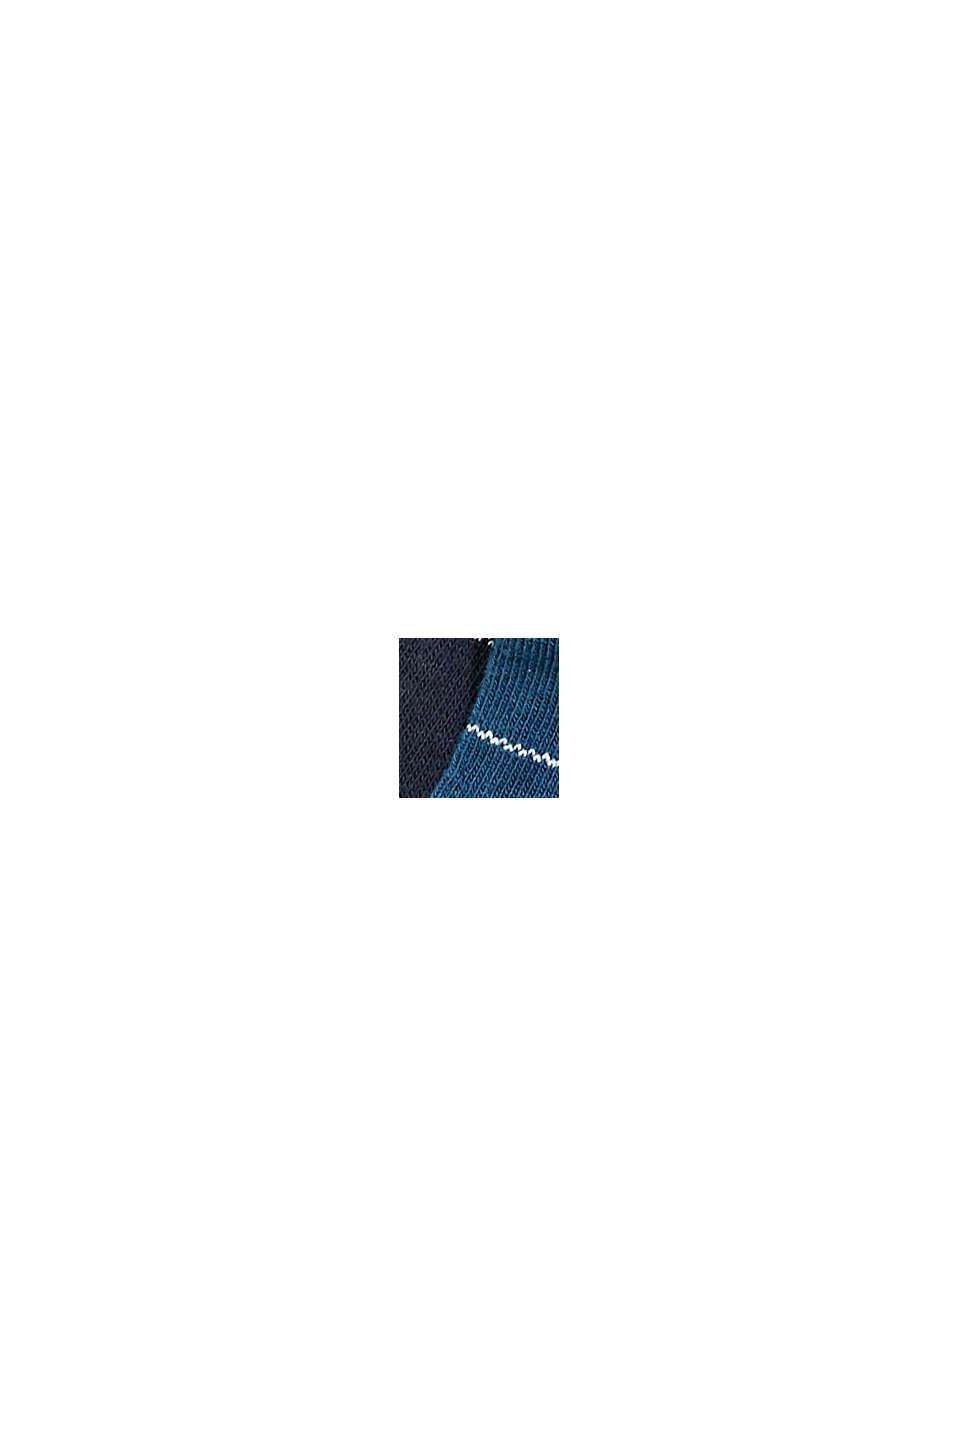 Calze in confezione doppia con motivo a quadri, misto cotone biologico, NAVY/BLUE, swatch